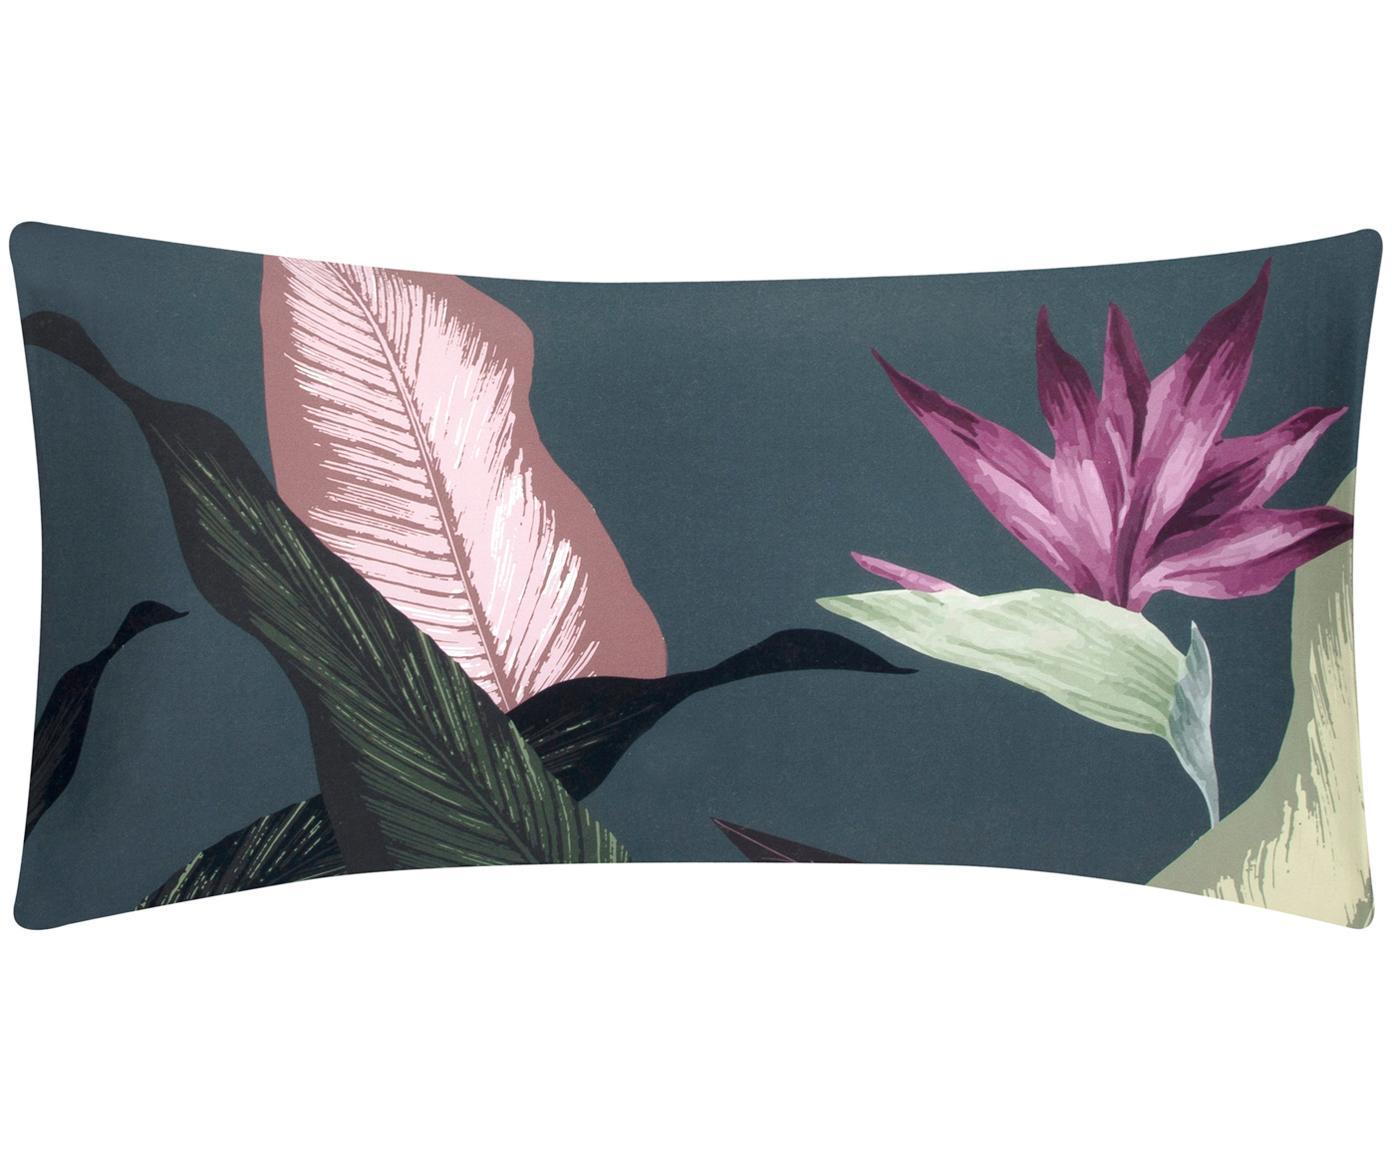 Baumwollsatin-Kissenbezüge Flora in Dunkelgrau, 2 Stück, Webart: Satin Fadendichte 210 TC,, Vorderseite: MehrfarbigRückseite: Dunkelgrau, 40 x 80 cm